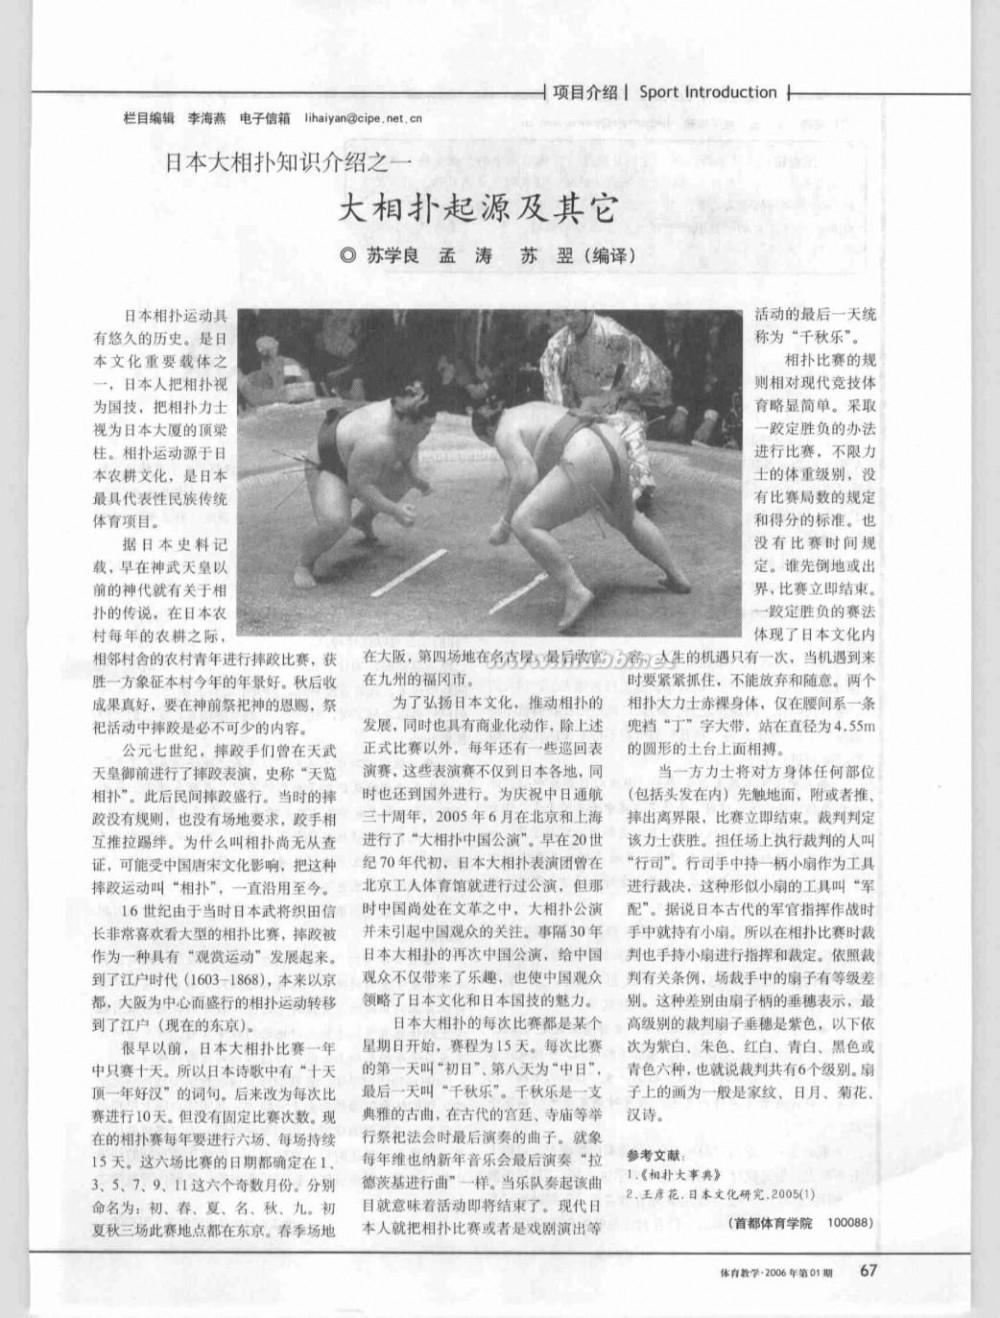 日本大相扑 日本大相扑知识介绍之一:大相扑起源及其它